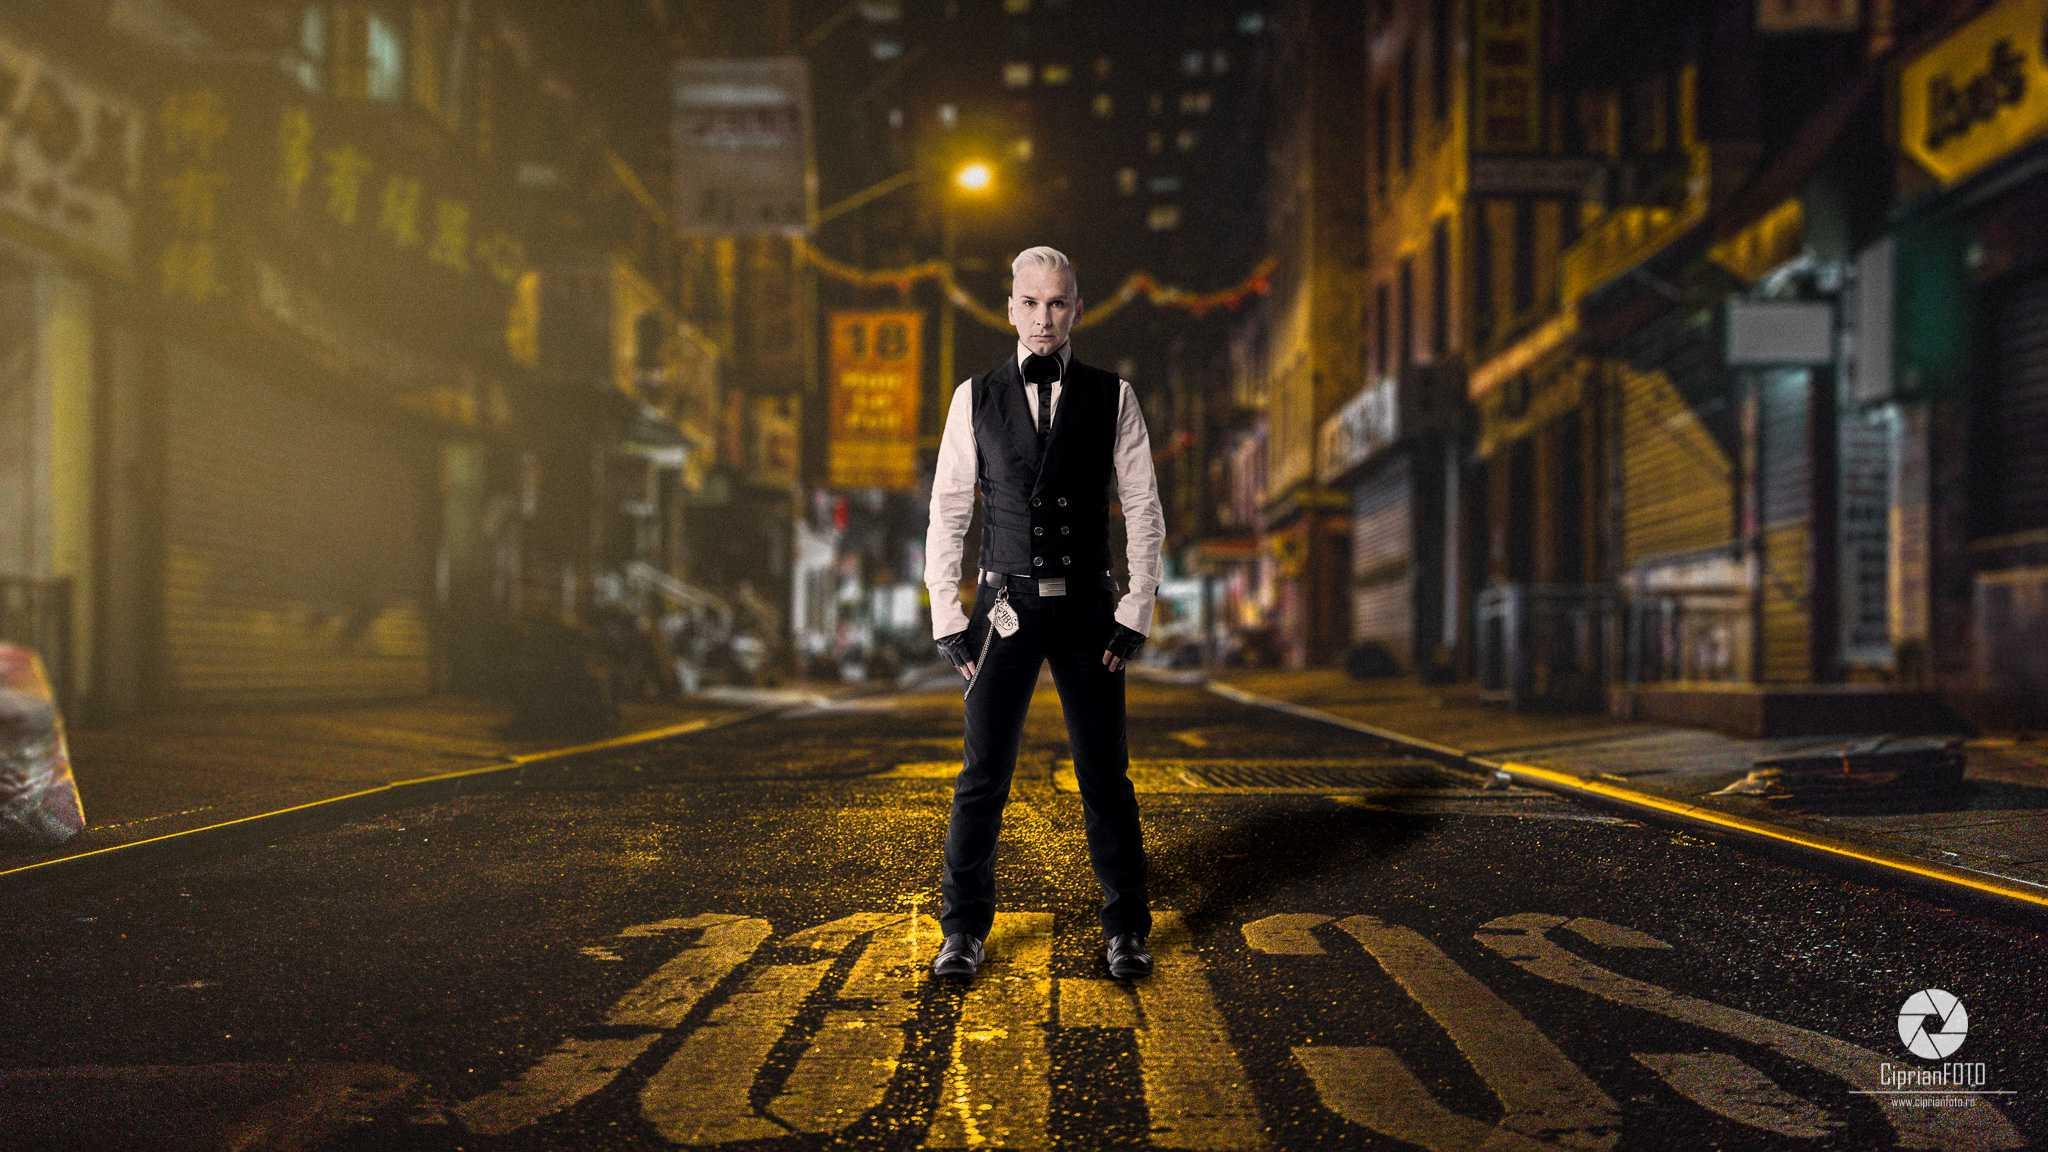 Urban_Man_Portrait_Photoshop_Manipulation_Tutorial_CiprianFOTO